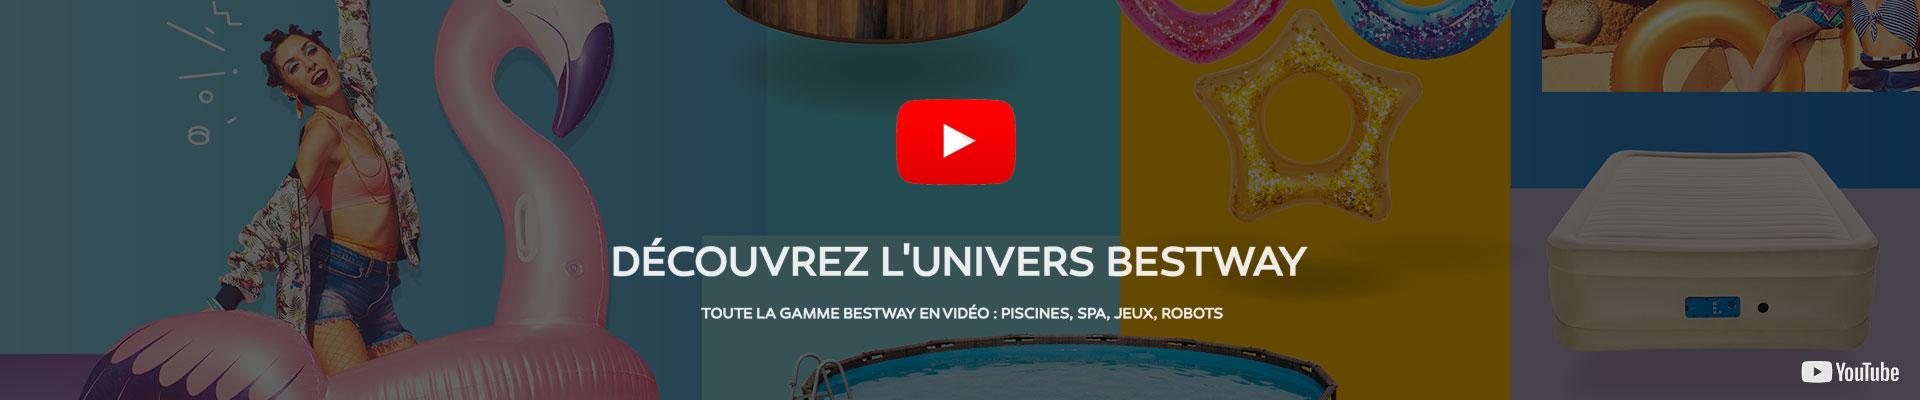 Découvrez toute la gamme Bestway en vidéo avec Vigipiscine